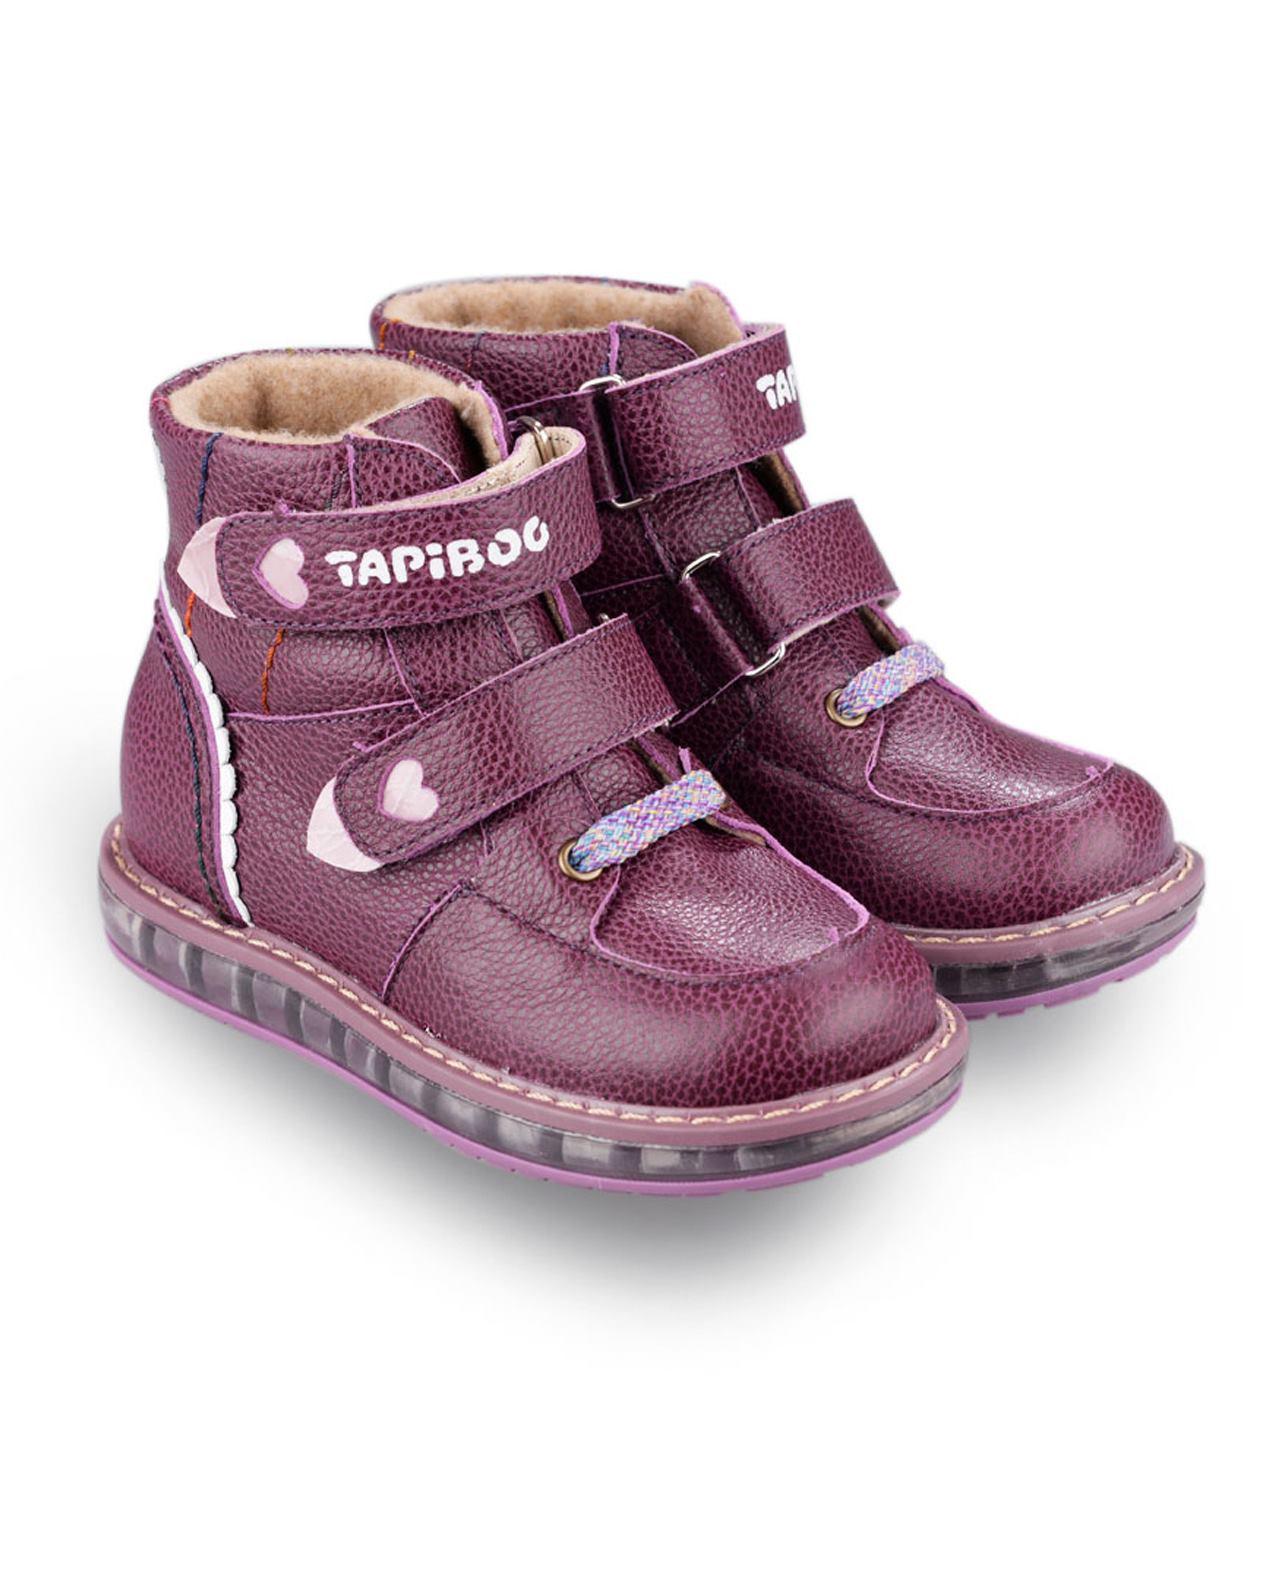 Ботинки Детские, Tapiboo Смородина (42135, 33 )Осень<br>Ботинки утепленные. Многослойная, анатомическая <br>стелька для правильного формирования стопы. <br>Жесткий фиксирующий задник с удлиненным <br>крылом надежно стабилизирует голеностопный <br>сустав во время ходьбы. Упругая, умеренно-эластичная <br>подошва, имеющая перекат позволяющий повторить <br>естественное движение стопы при ходьбе <br>для правильного распределения нагрузки <br>на опорно-двигательный аппарат ребенка. <br>Подкладка из байки LANATEX поддерживает комфортную <br>температуру внутри обуви при погодных условиях <br>от +5 до -5 градусов. Застежки типа «велкро» <br>позволяют оптимально подогнать полноту <br>обуви по ноге ребенка (большой подъем или <br>вложение специальных вкладных ортопедических <br>приспособлений), обеспечивая при этом оптимальную <br>фиксацию стопы.<br>Размер INT: M; Цвет: Красный; Ширина: 100; Высота: 200; Вес: 1000;